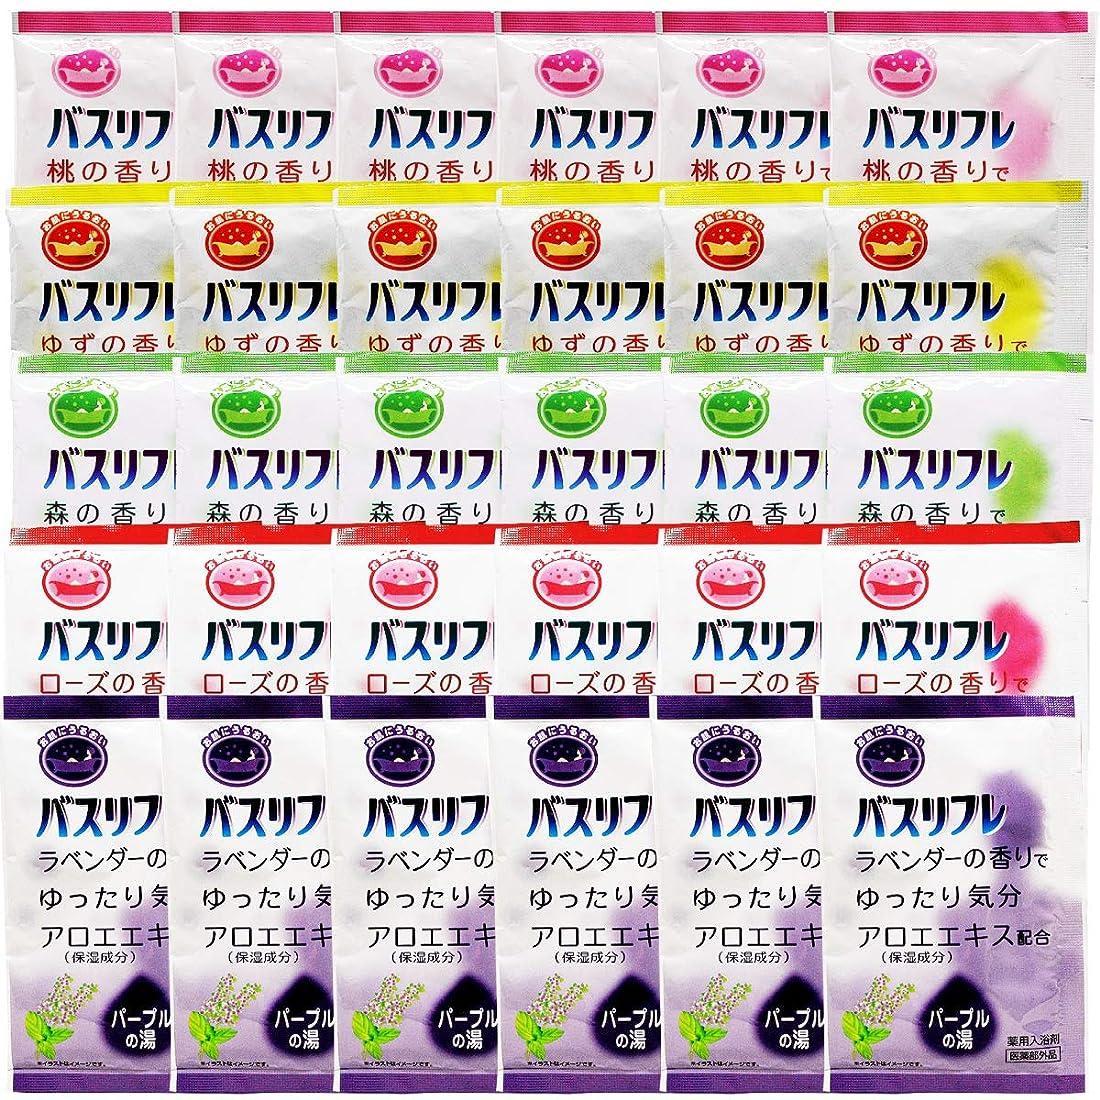 ループ食料品店マーベル薬用入浴剤 バスリフレ 5種類の香り アソート 30袋セット 入浴剤 詰め合わせ 人気 アロマ 福袋 医薬部外品